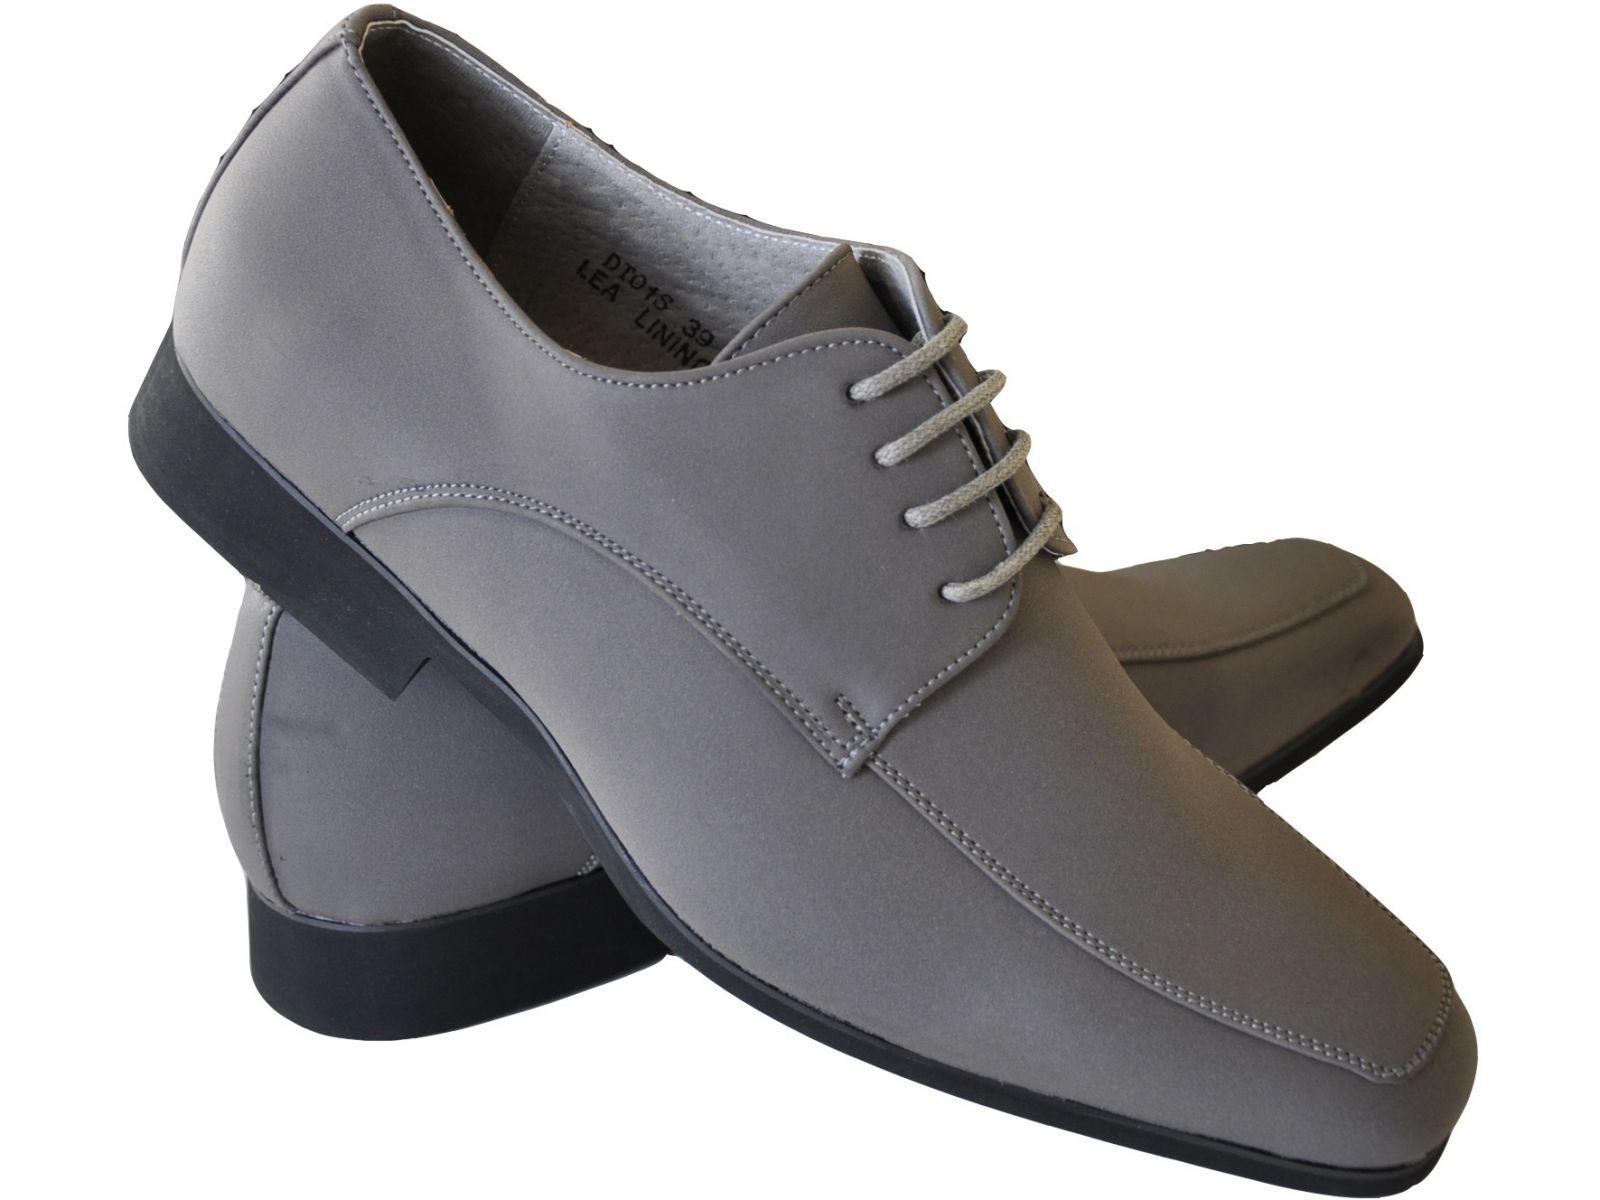 meilleur nouveau produit magasin en ligne Chaussures de mariage pour homme - Guide boutiques de mode ...